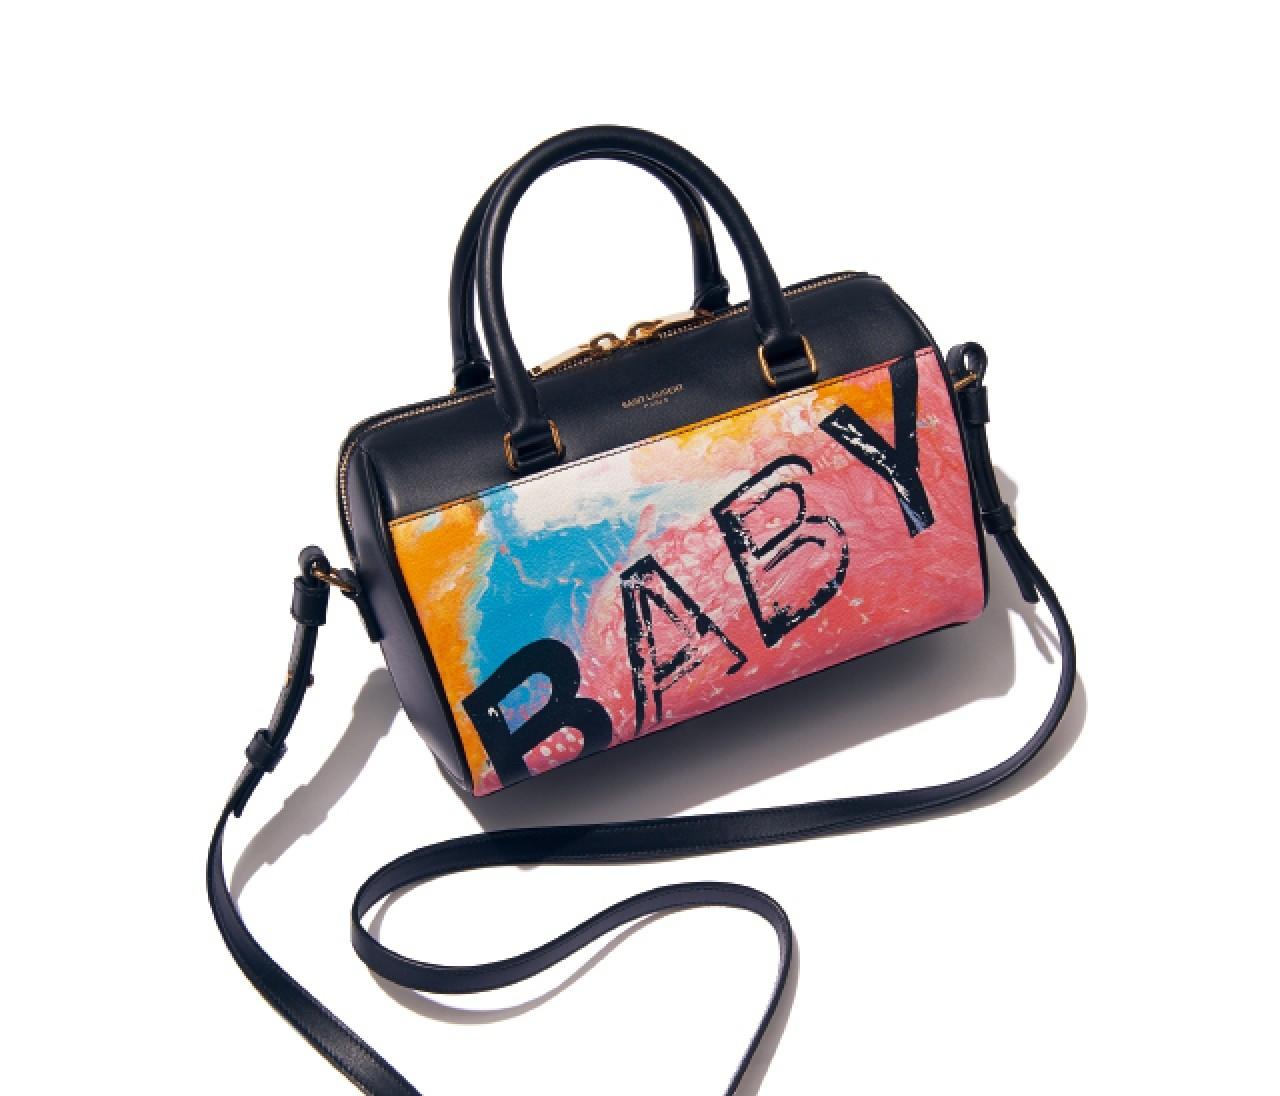 サンローランの超人気バッグ「ベイビーダッフル」新作がアートみたい!